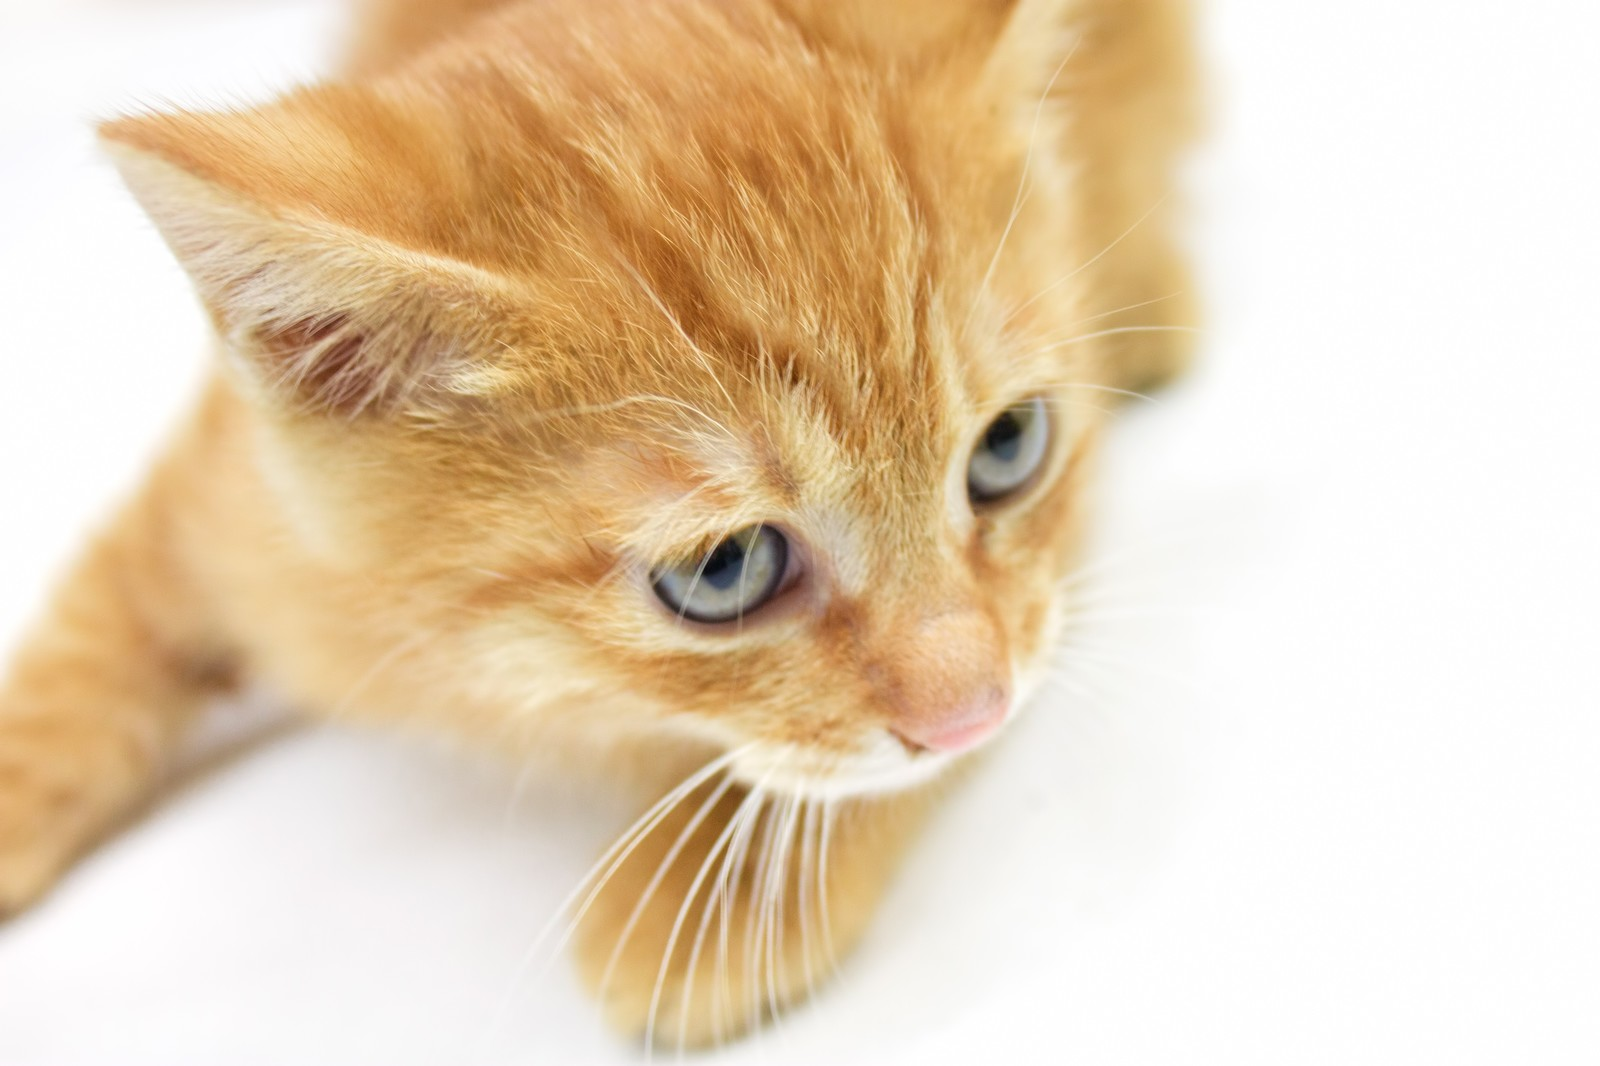 「可愛い子猫」